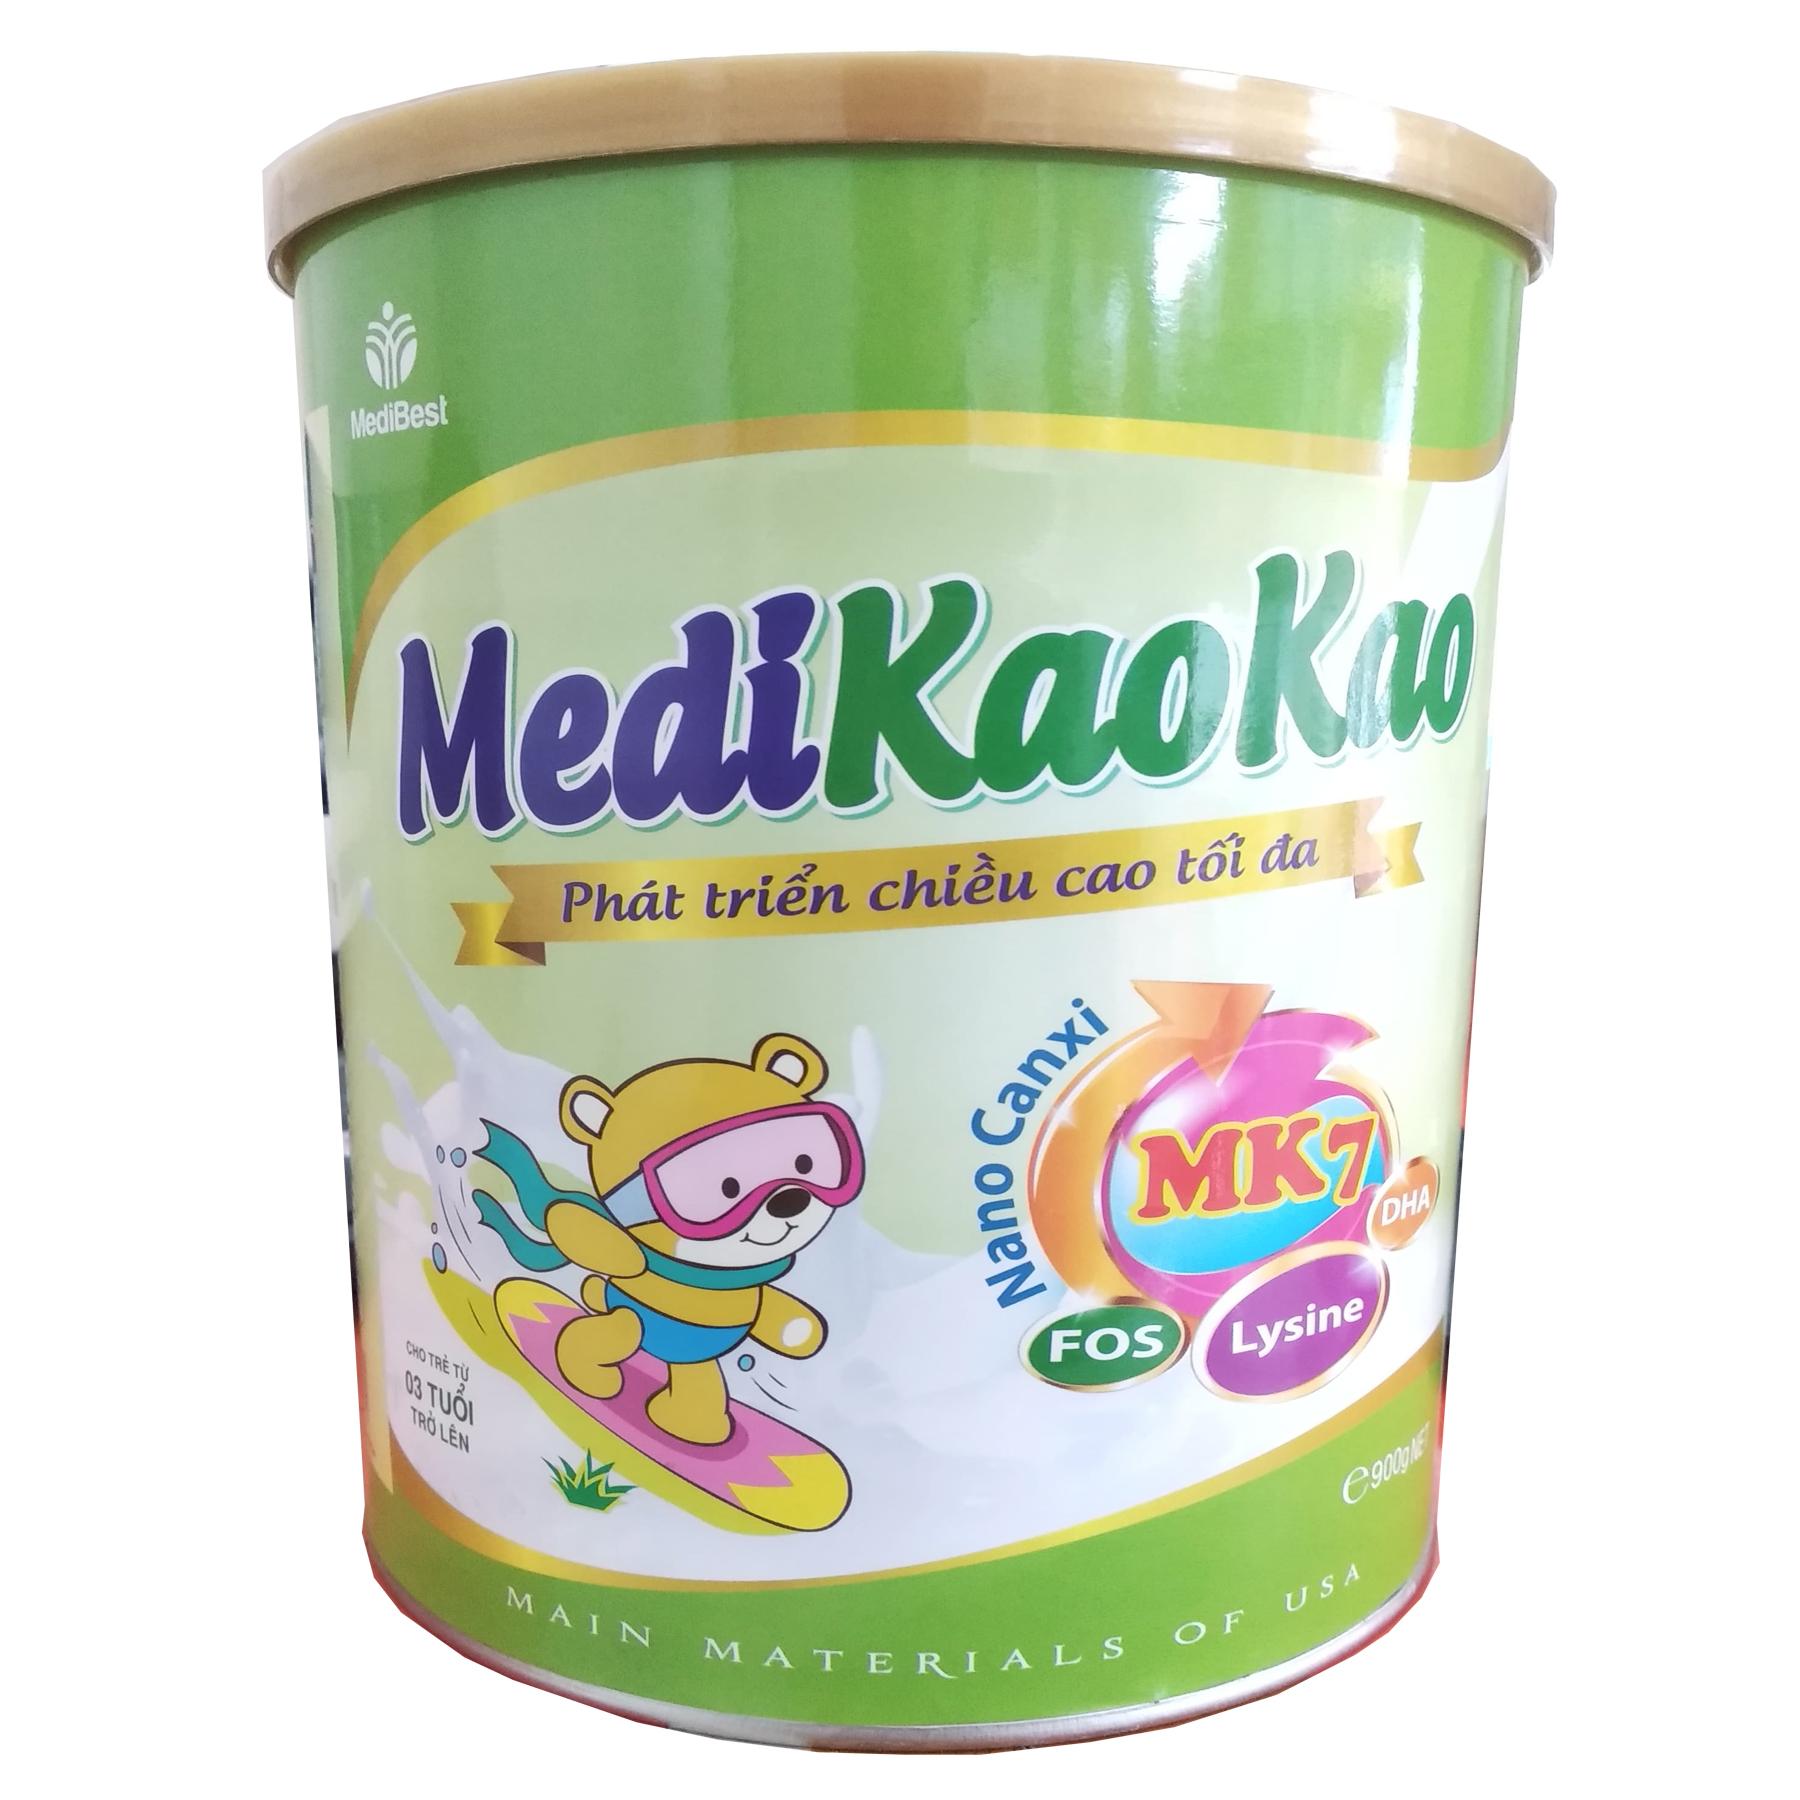 MediKaoKao 900 Gr : Sữa y tế hỗ trợ phát triển chiều cao , dùng cho trẻ từ 3 tuổi